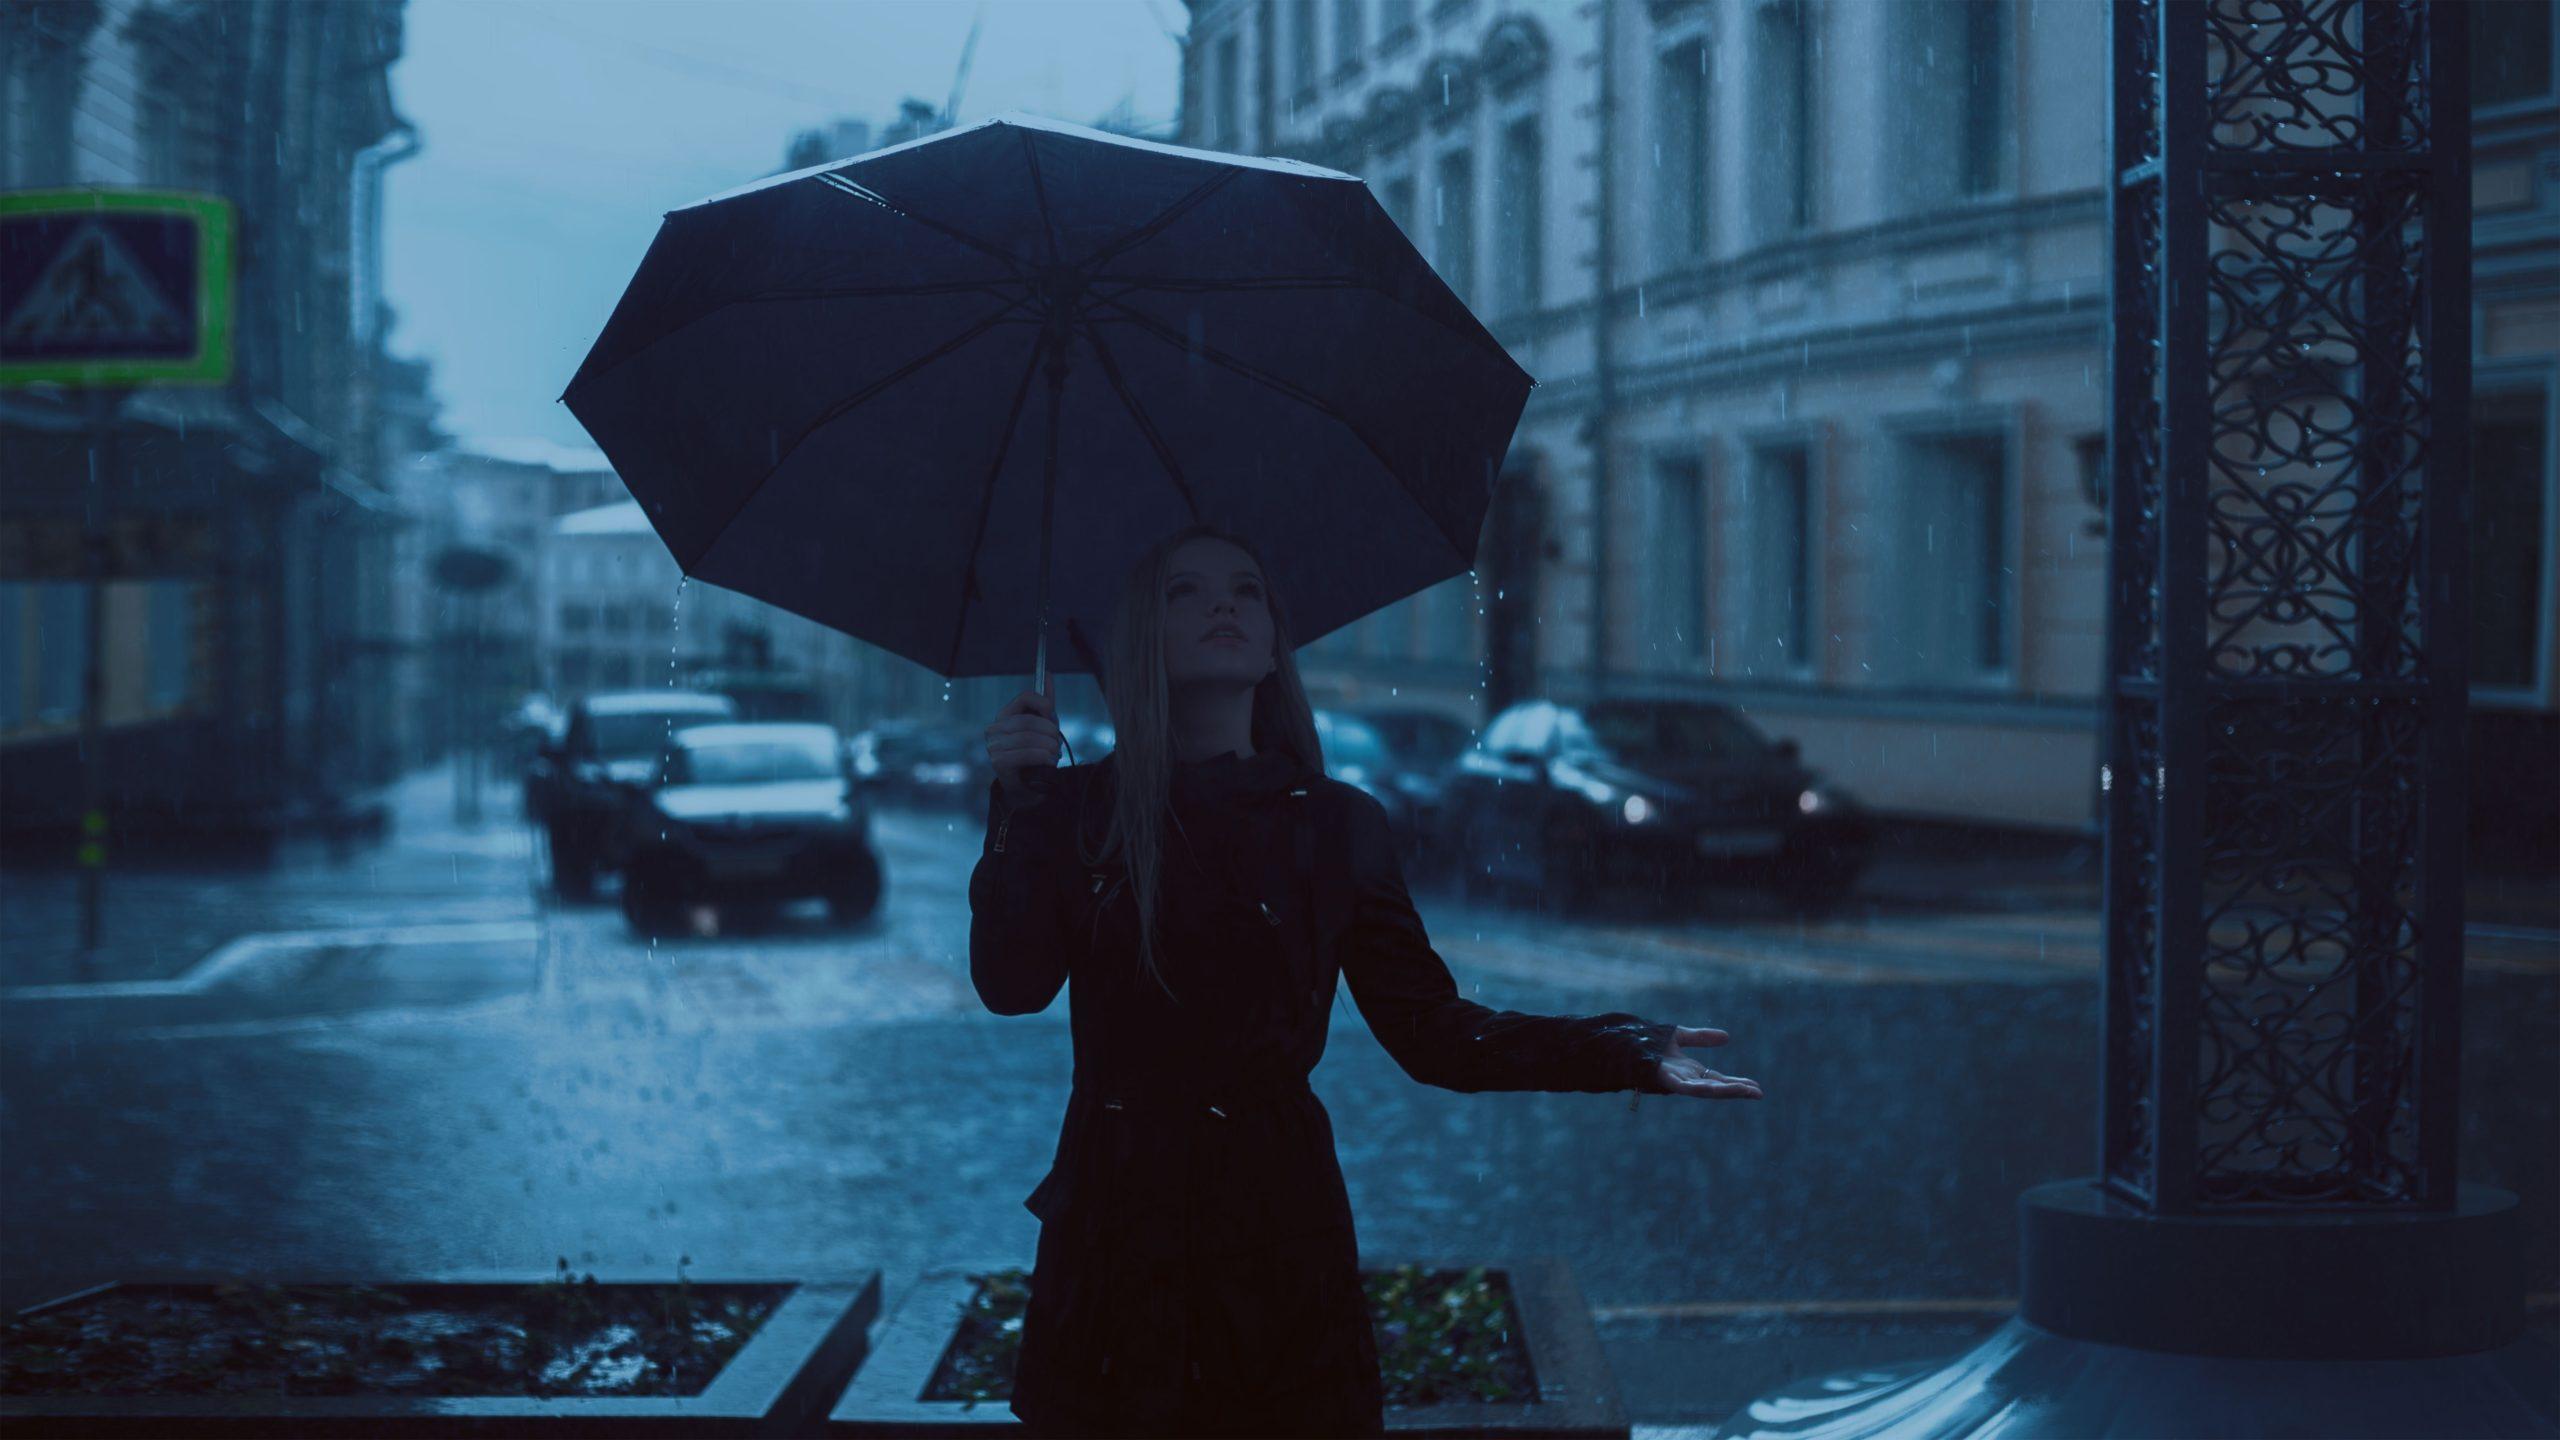 essay on the rainy season